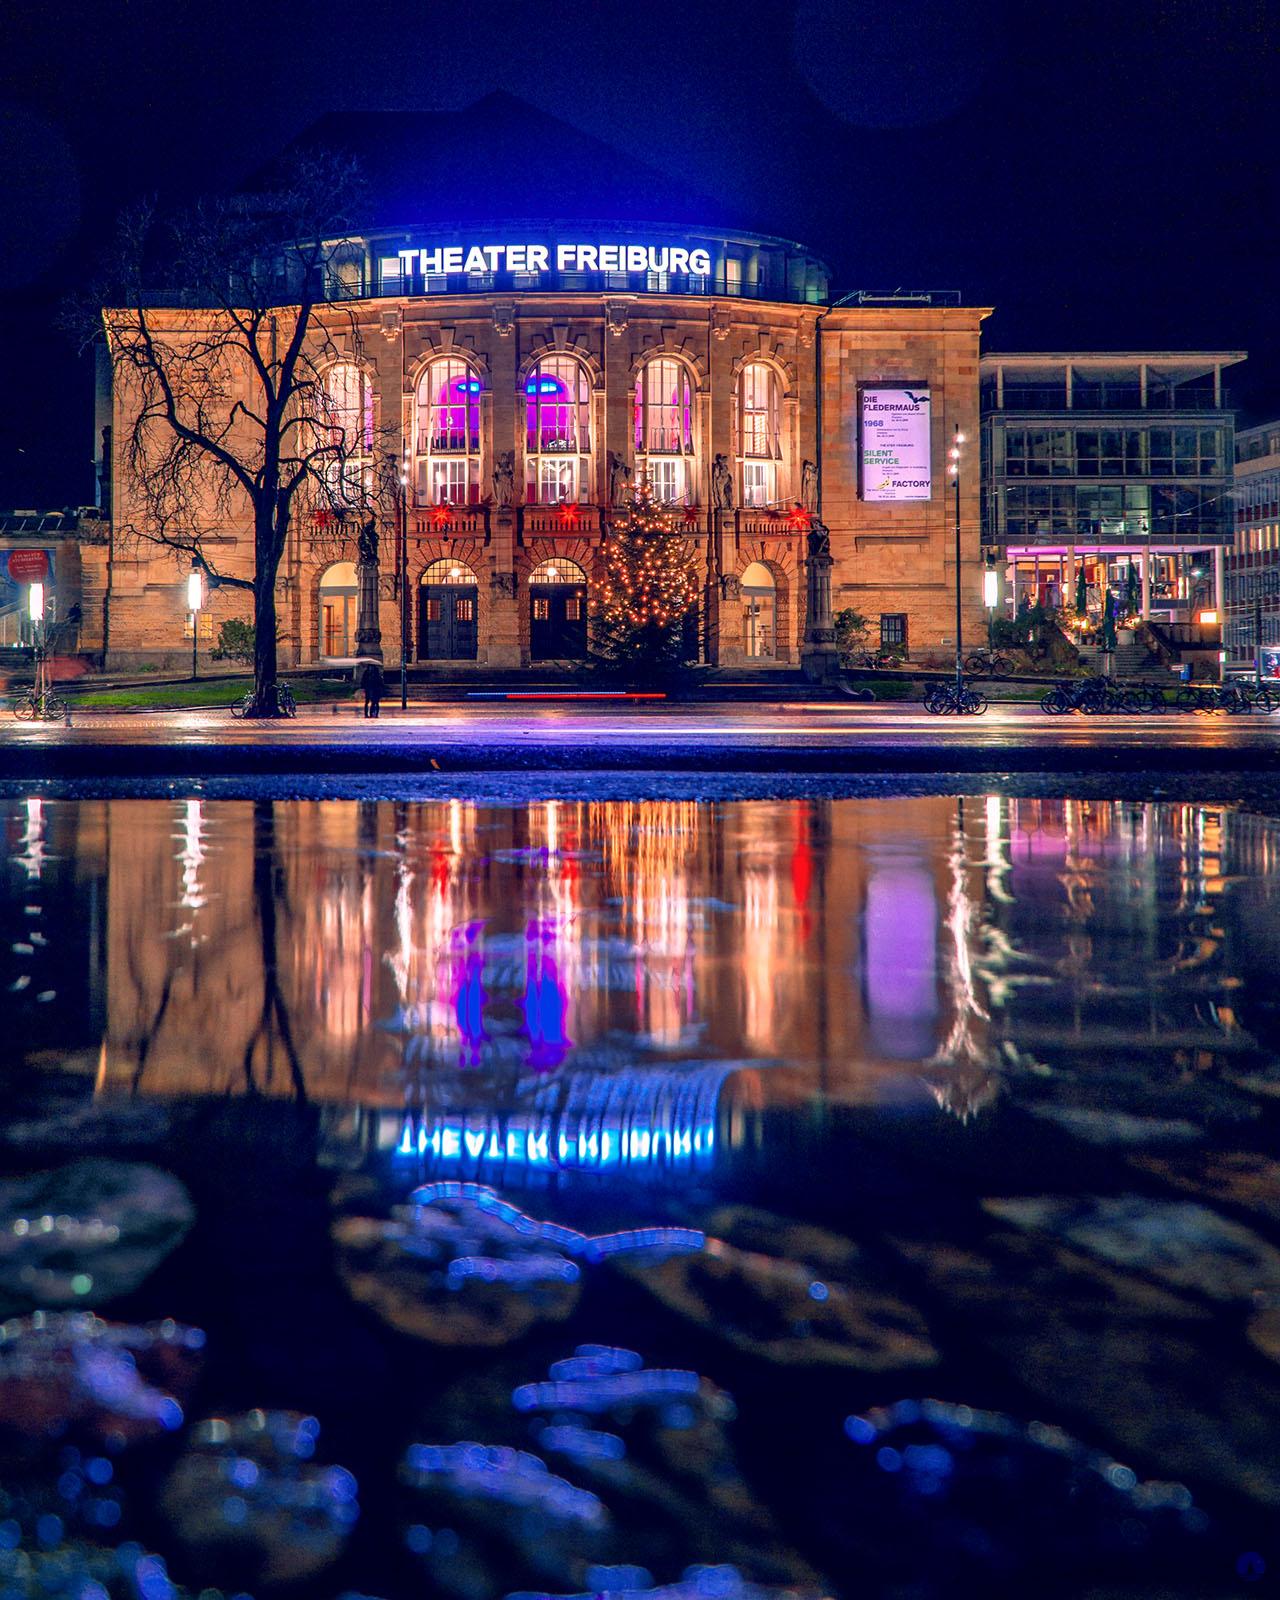 Wintertheater